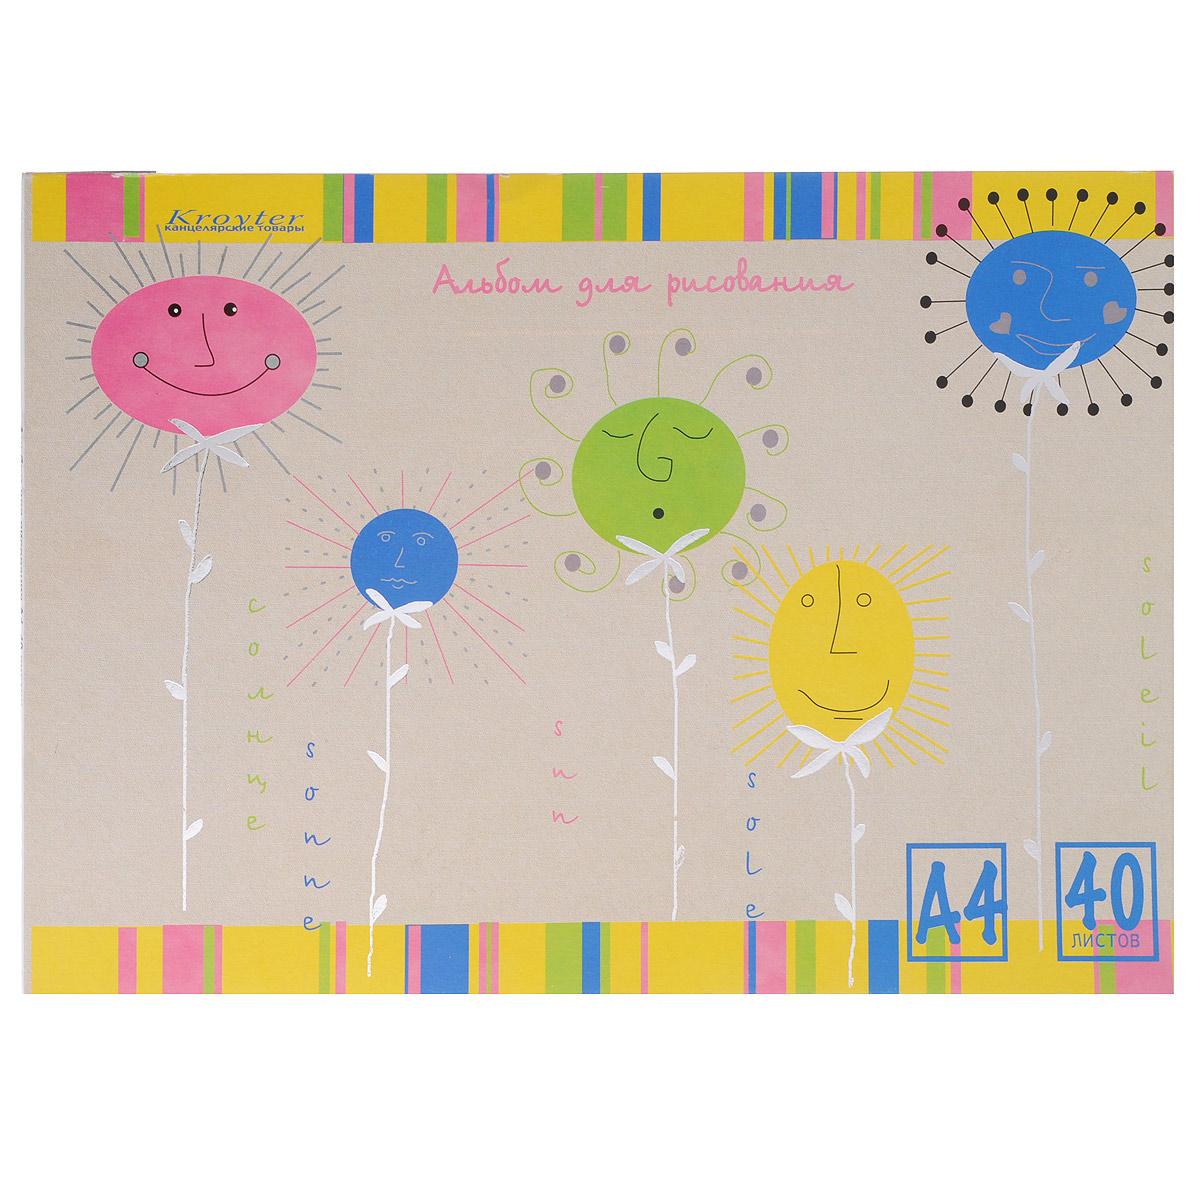 Альбом для рисования Kroyter, 40 листов, формат А401348Альбом Kroyter предназначен для рисования, художественно-графических работ и детского творчества. Внутренний блок состоит из офсетной бумаги. Обложка альбома выполнена из мягкого картона с ярким цветным рисунком. Тип крепления листов - склейка.